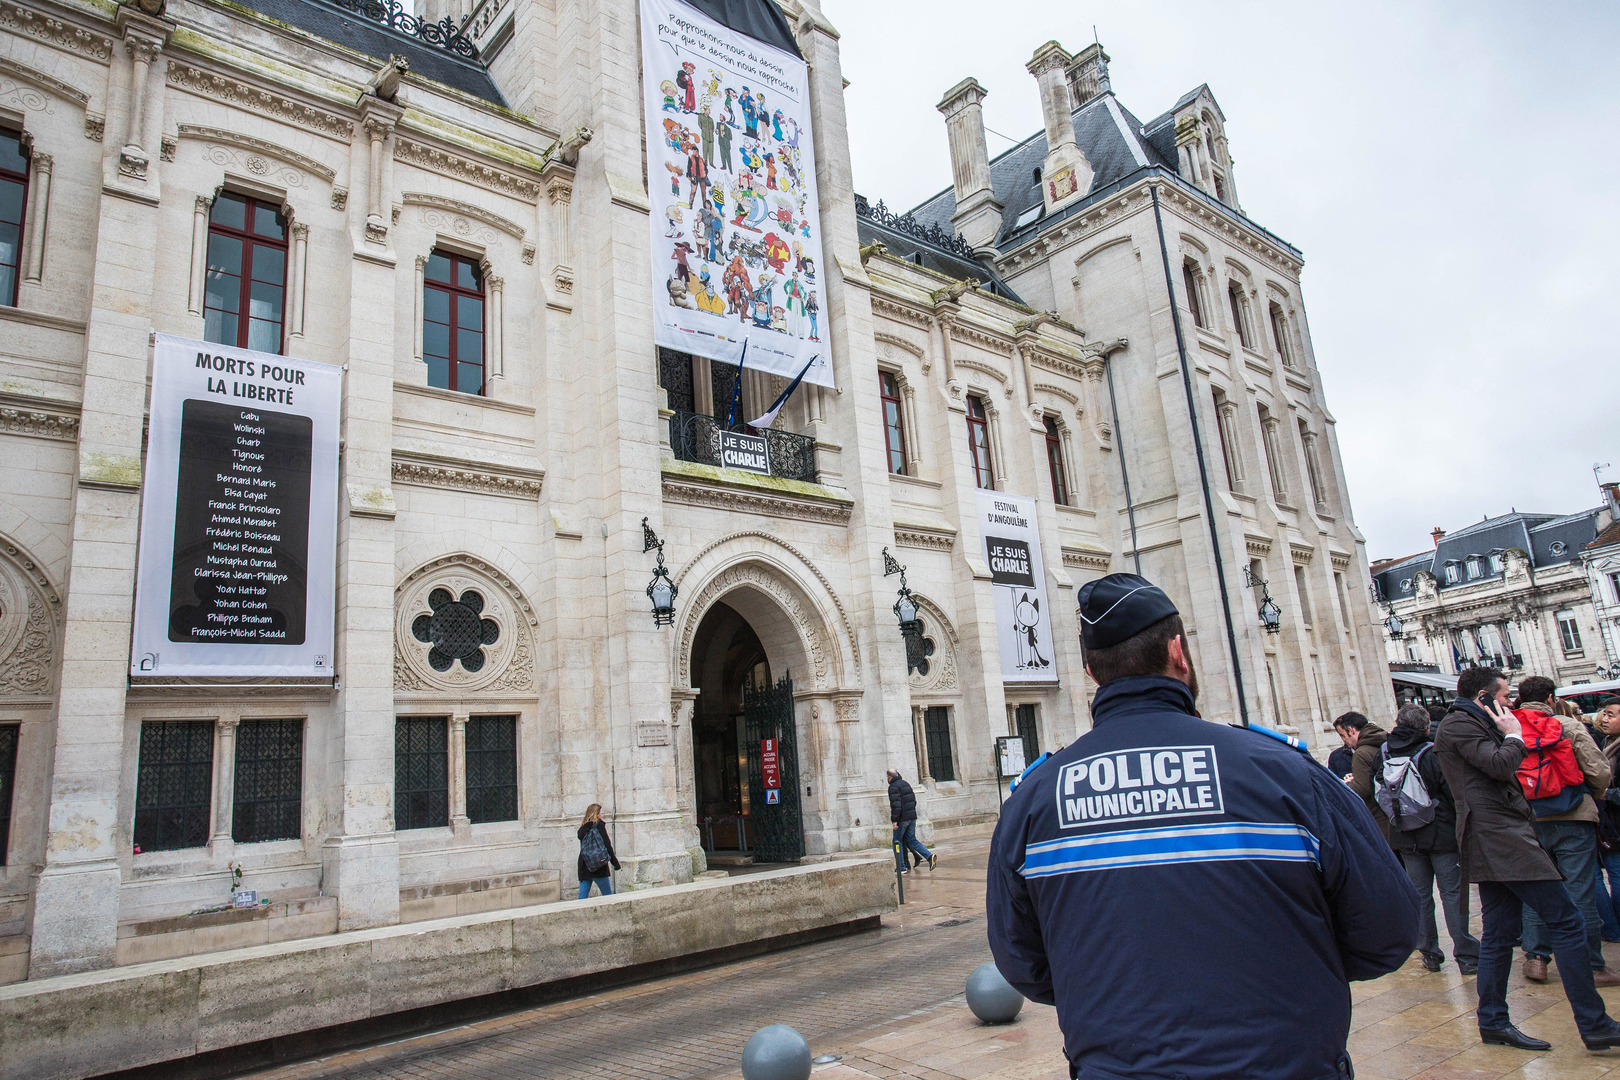 مبنى مجلة شارلي إيبدو الفرنسية